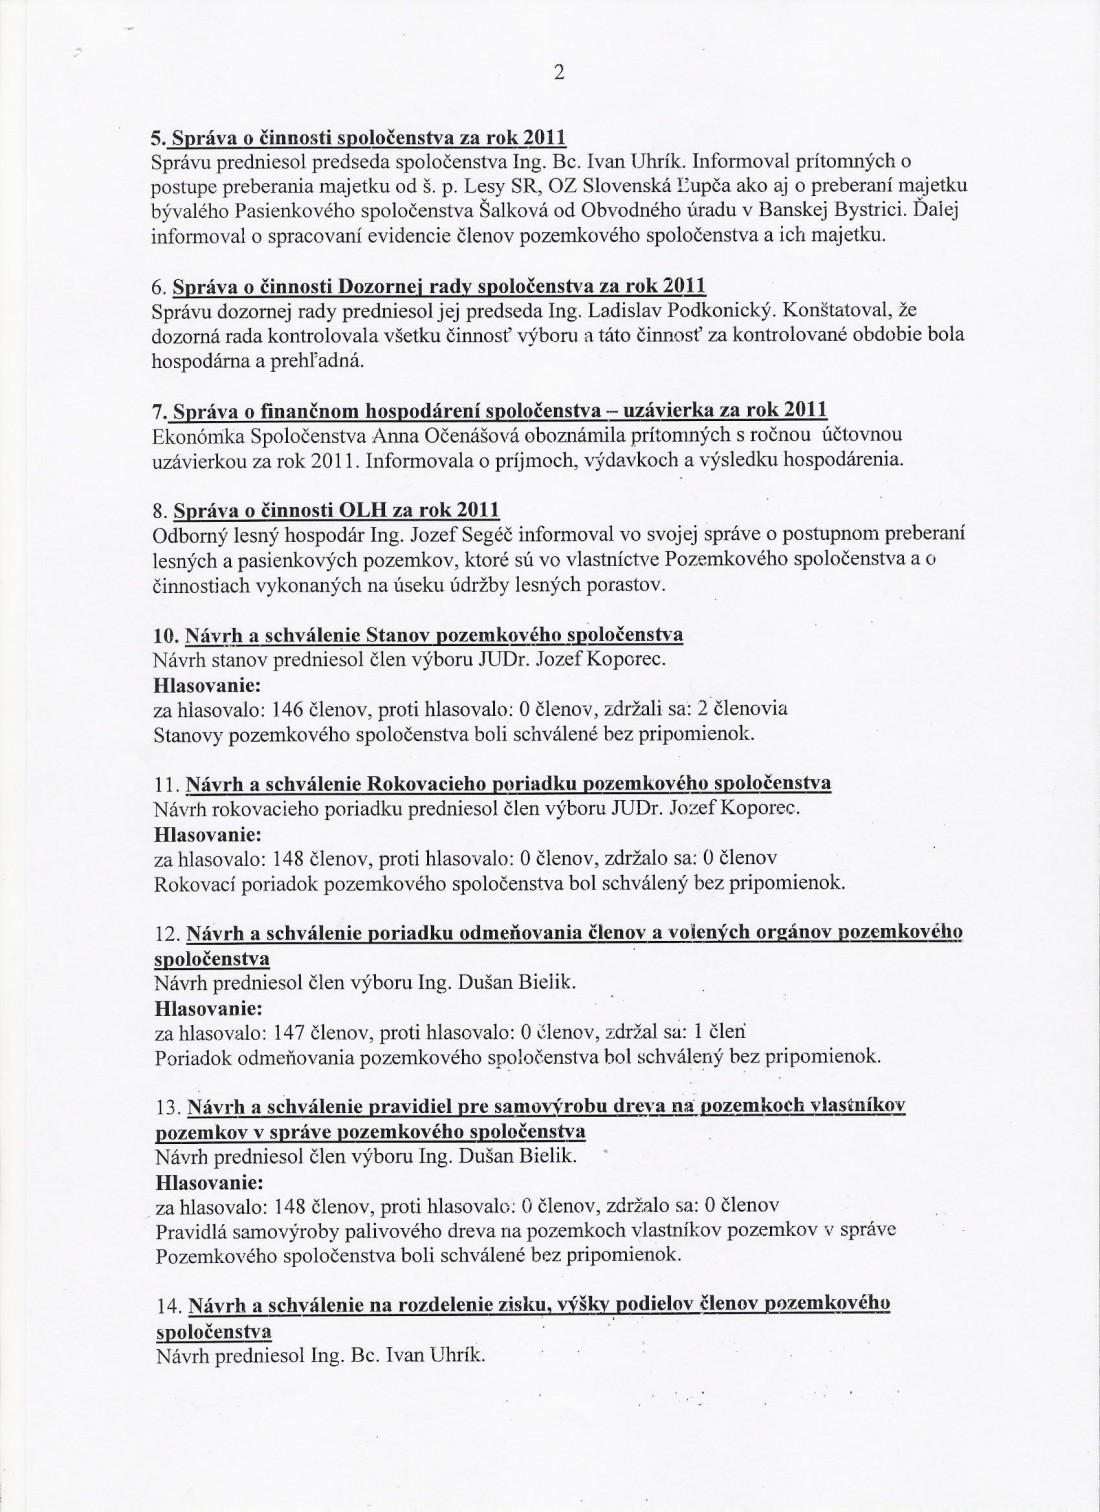 zapisnica-vz-2012-12-15-2